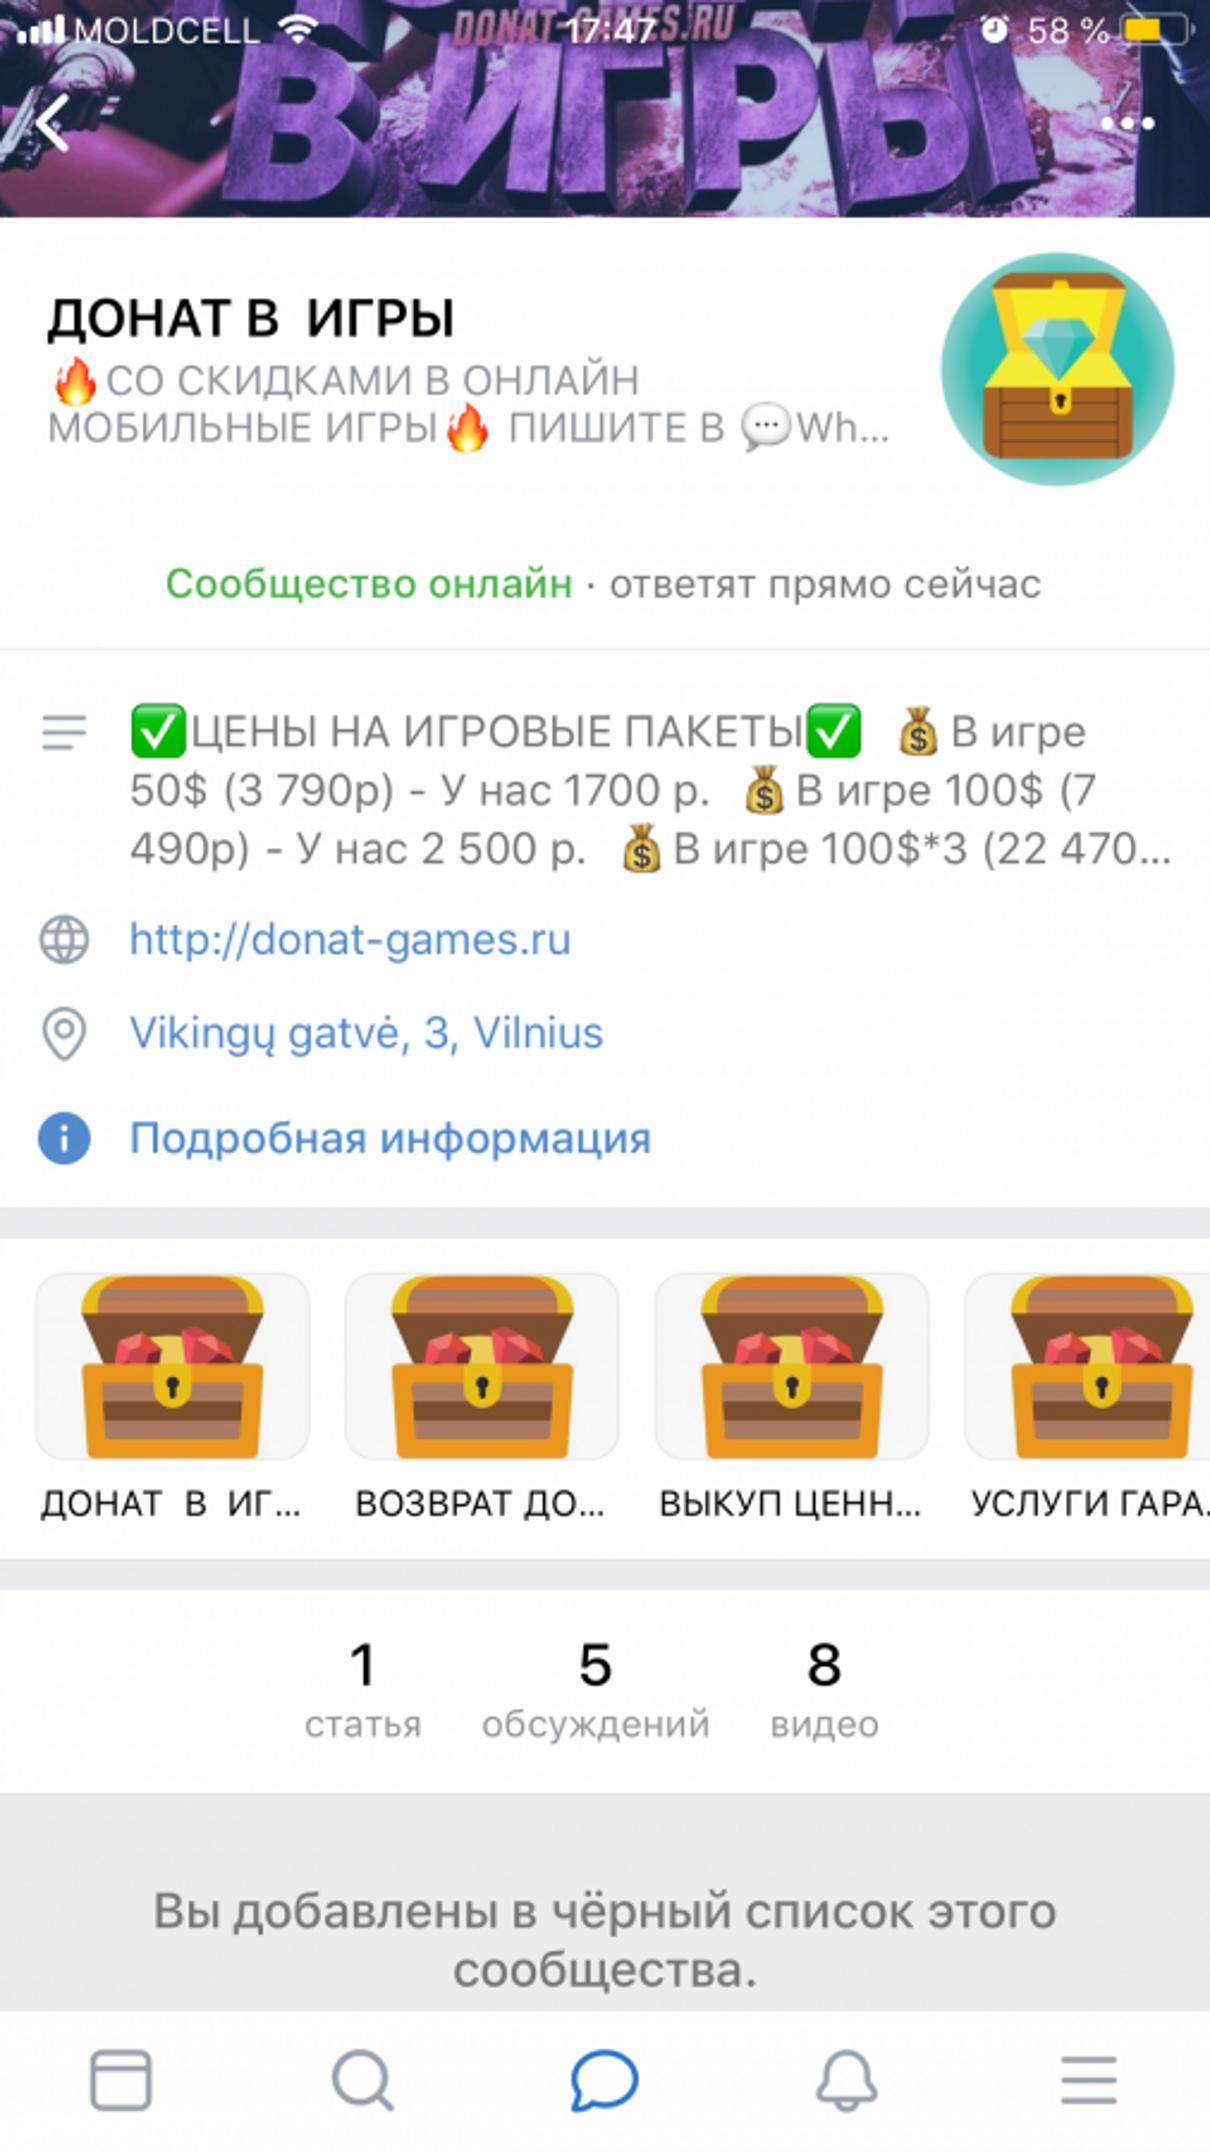 Жалоба-отзыв: Donat-games.ru - Мошенники и кидалы (группа в вк)